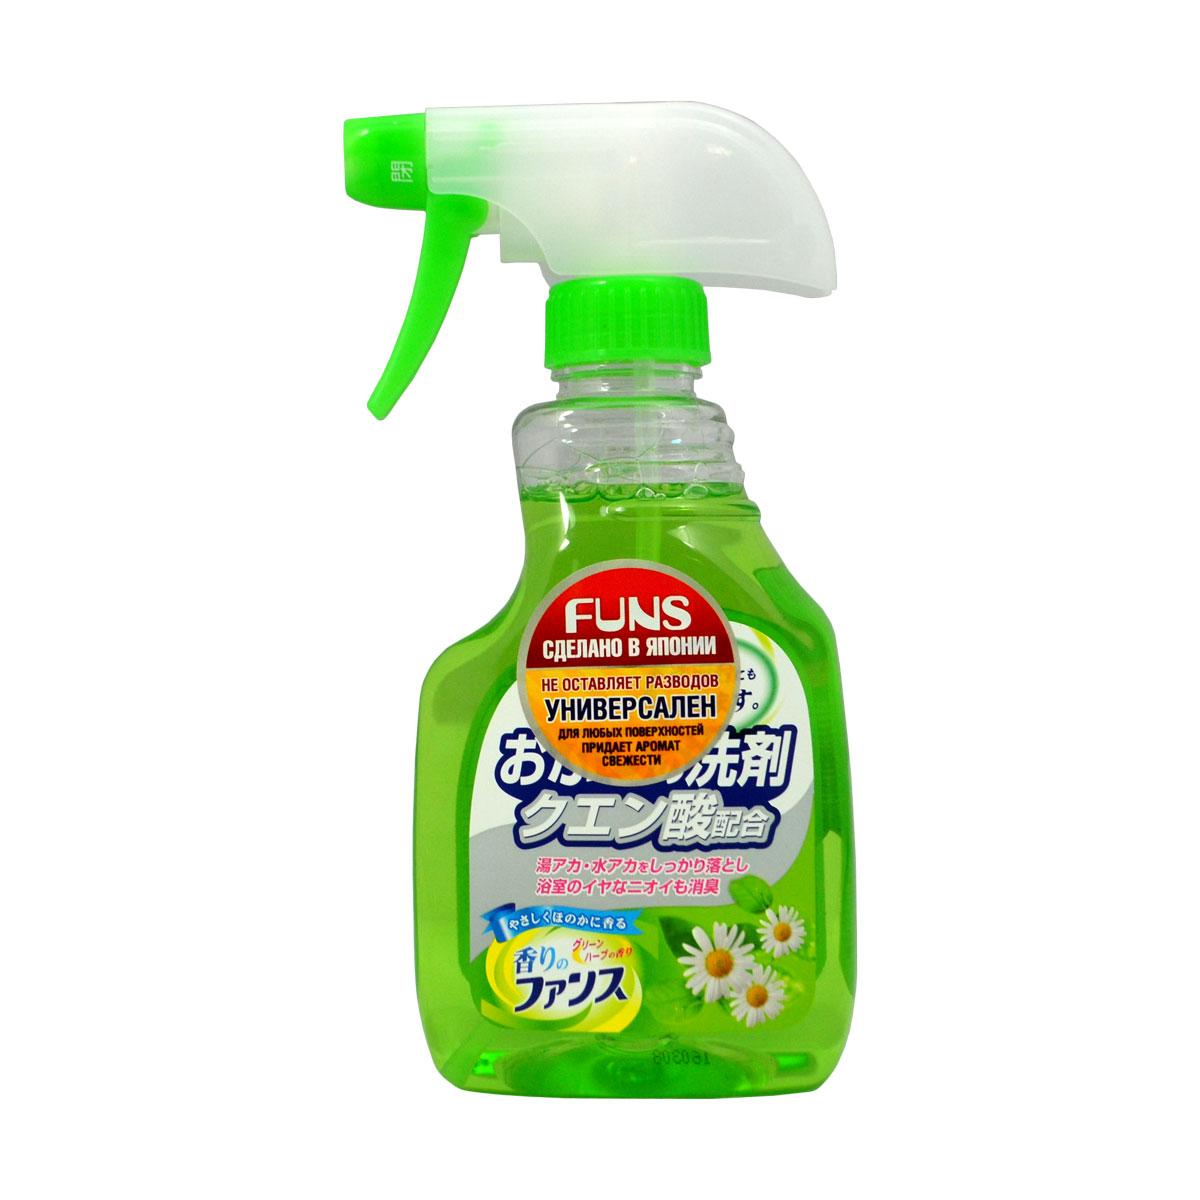 Спрей чистящий для ванной комнаты Funs, с ароматом свежей зелени, 400 мл391602Чистящее средство применяется для мытья ванн, душевых кабин, раковин, полов и стен ванных комнат.Полностью уничтожает неприятные запахи, а лимонная кислота, входящая в состав моющего средства, эффективно устраняет известковый налет.Прекрасно подходит для пластиковых, стеклянных и акриловых поверхностей.Изготовлено из растительного сырья с использованием натурального экстракта свежей зелени.Способ применения: поверните носик распылителя в любую сторону на пол оборота.Загрязнённое место намочите водой и обработайте моющим средством либо непосредственно, либо с помощью губки.Затем смойте водой.В случае сильного загрязнения эффект наступает после 2-3 минут обработки.После применения средства пена быстро спадает и легко смывается, оставляя легкий аромат свежей зелени.Норма расхода: 9 нажатий на 1 кв.м.